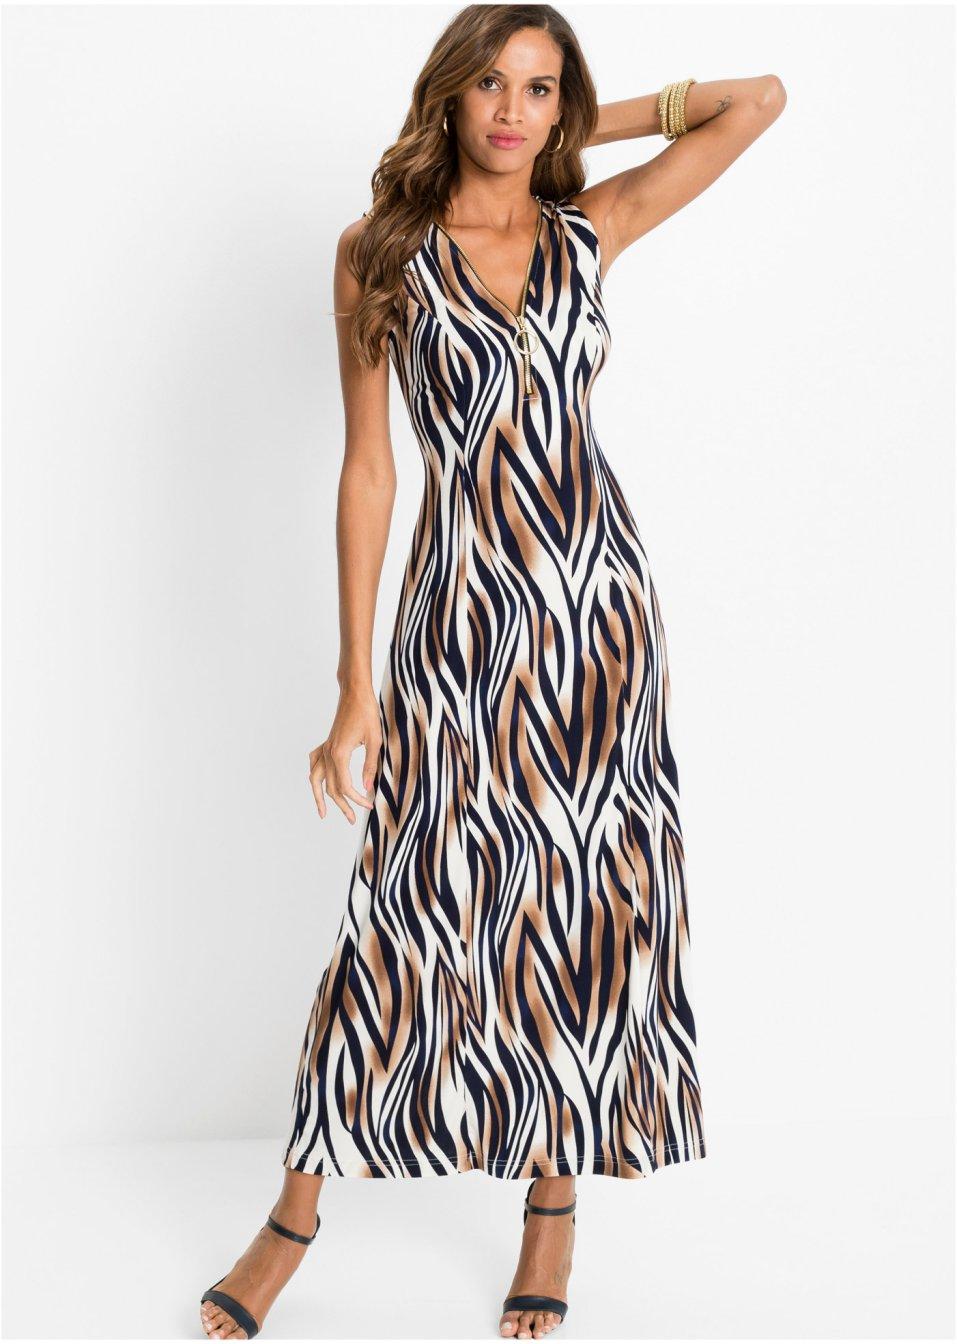 Stretch-Kleid braun/weiß/blau animal bedruckt - Damen ...